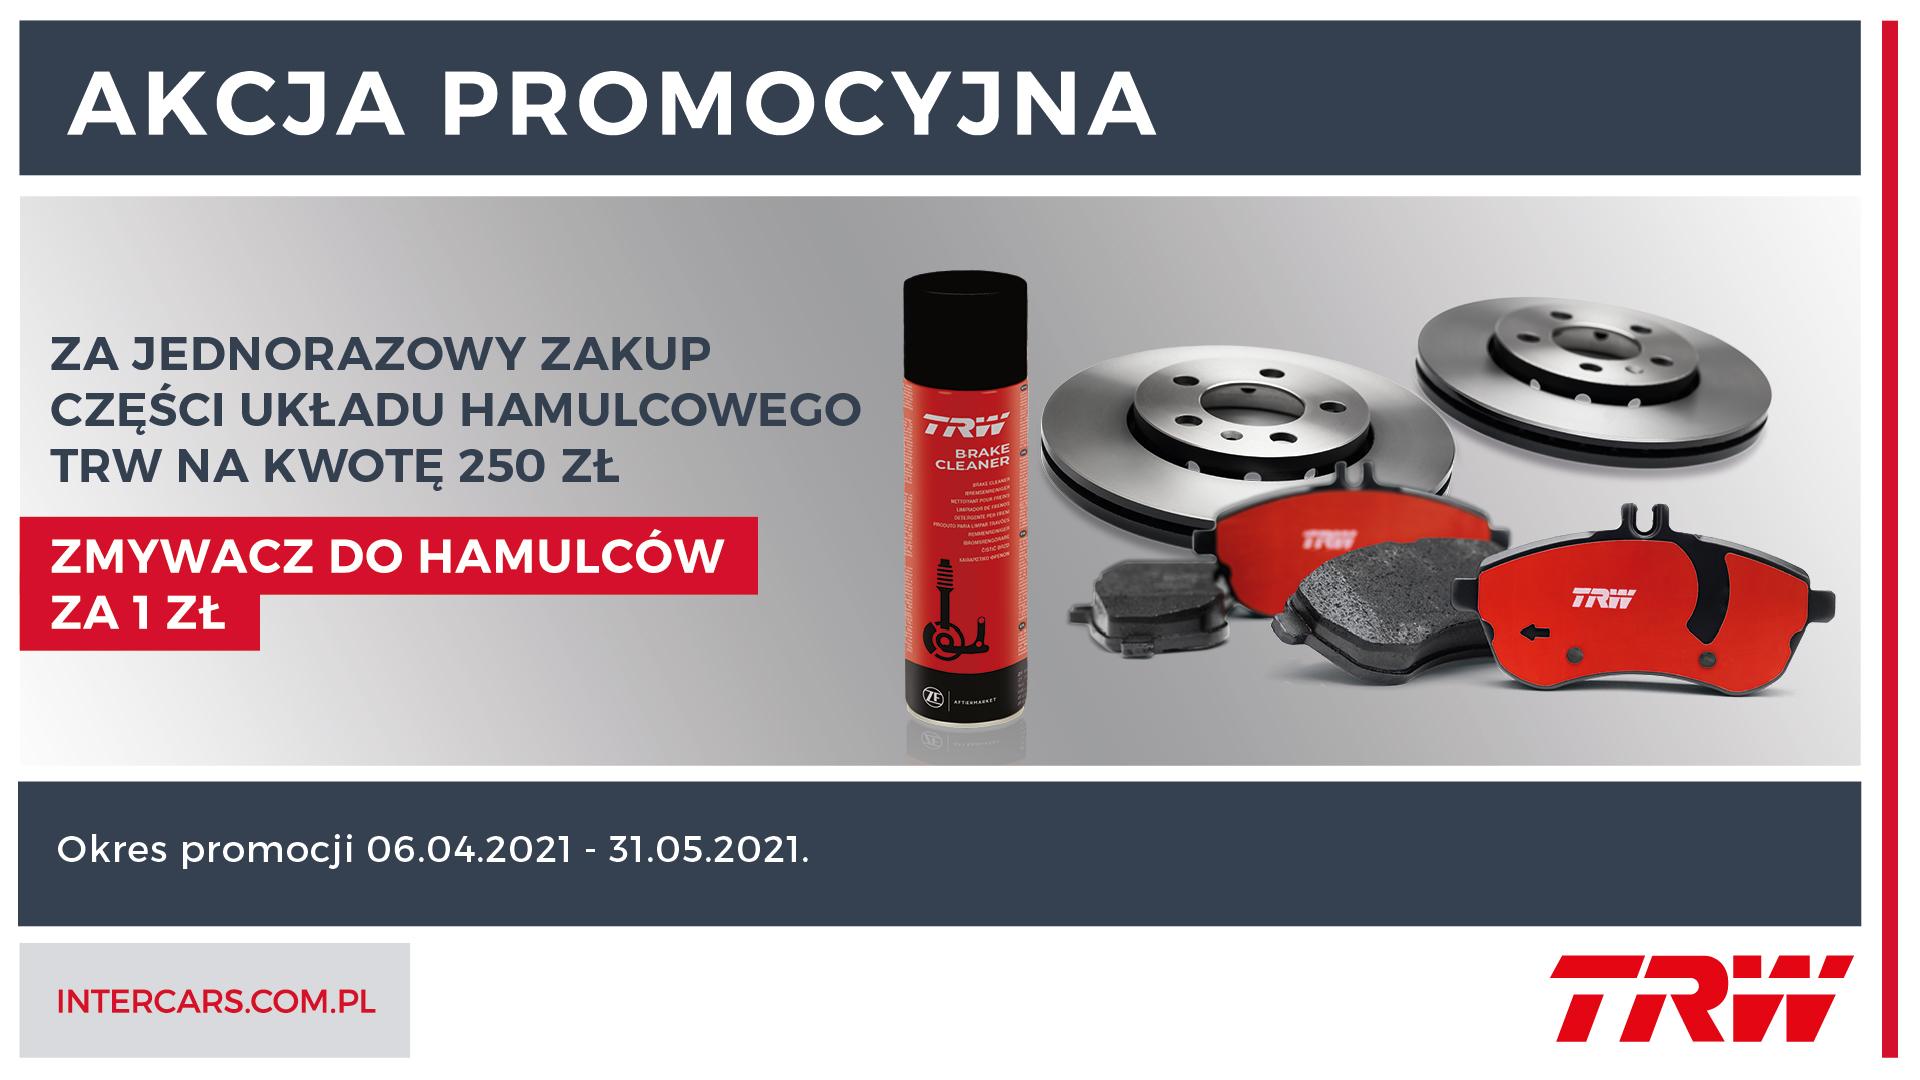 promocja_trw_za_zakup_czesci_ukladu_hamulcowego_zmywacz_do_hamulcow_1920x1080.jpg